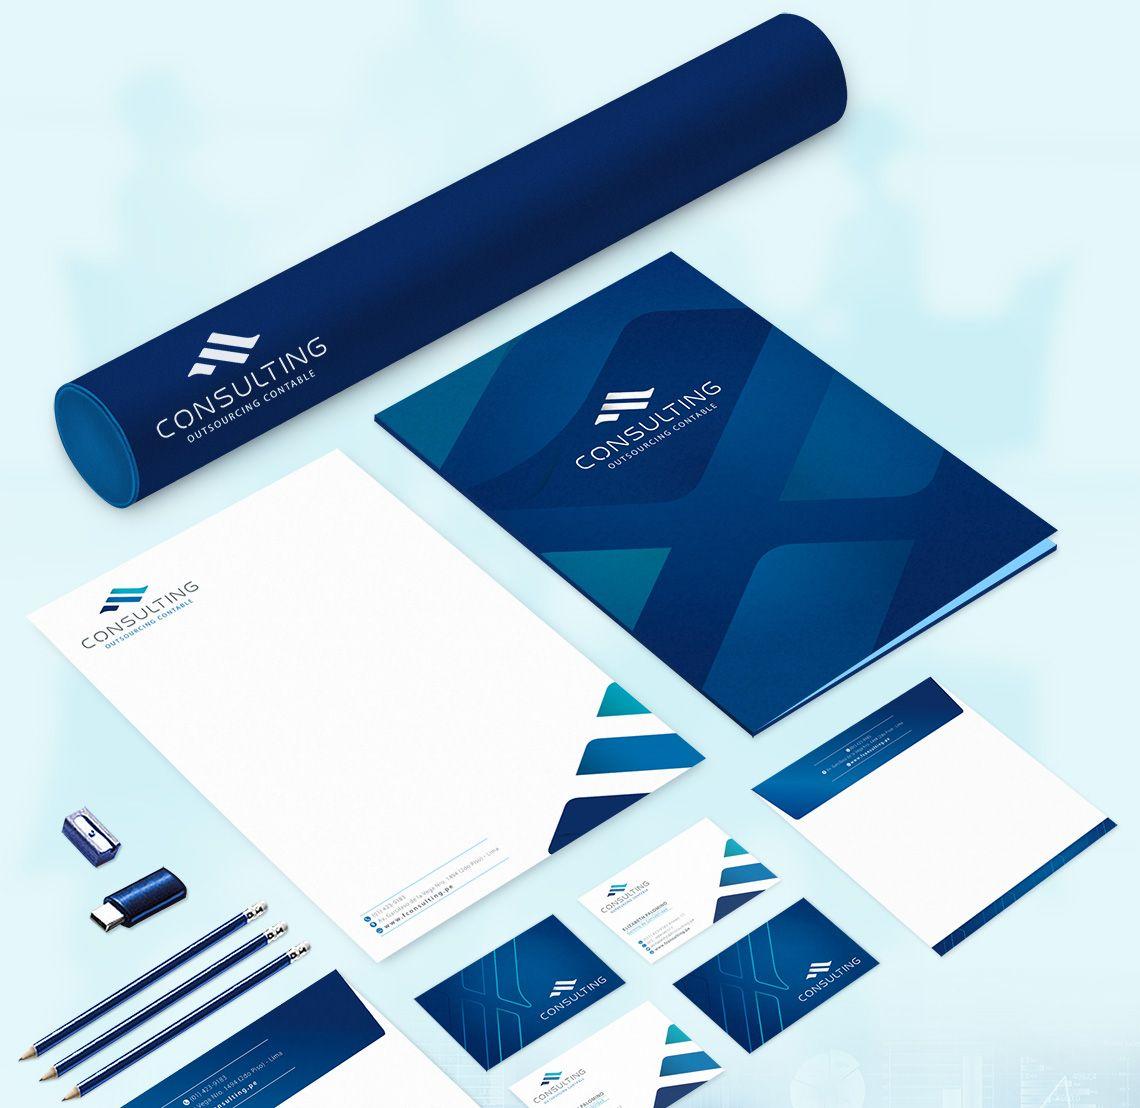 F consulting dise o de identidad corporativa 2 branding for Diseno imagen corporativa